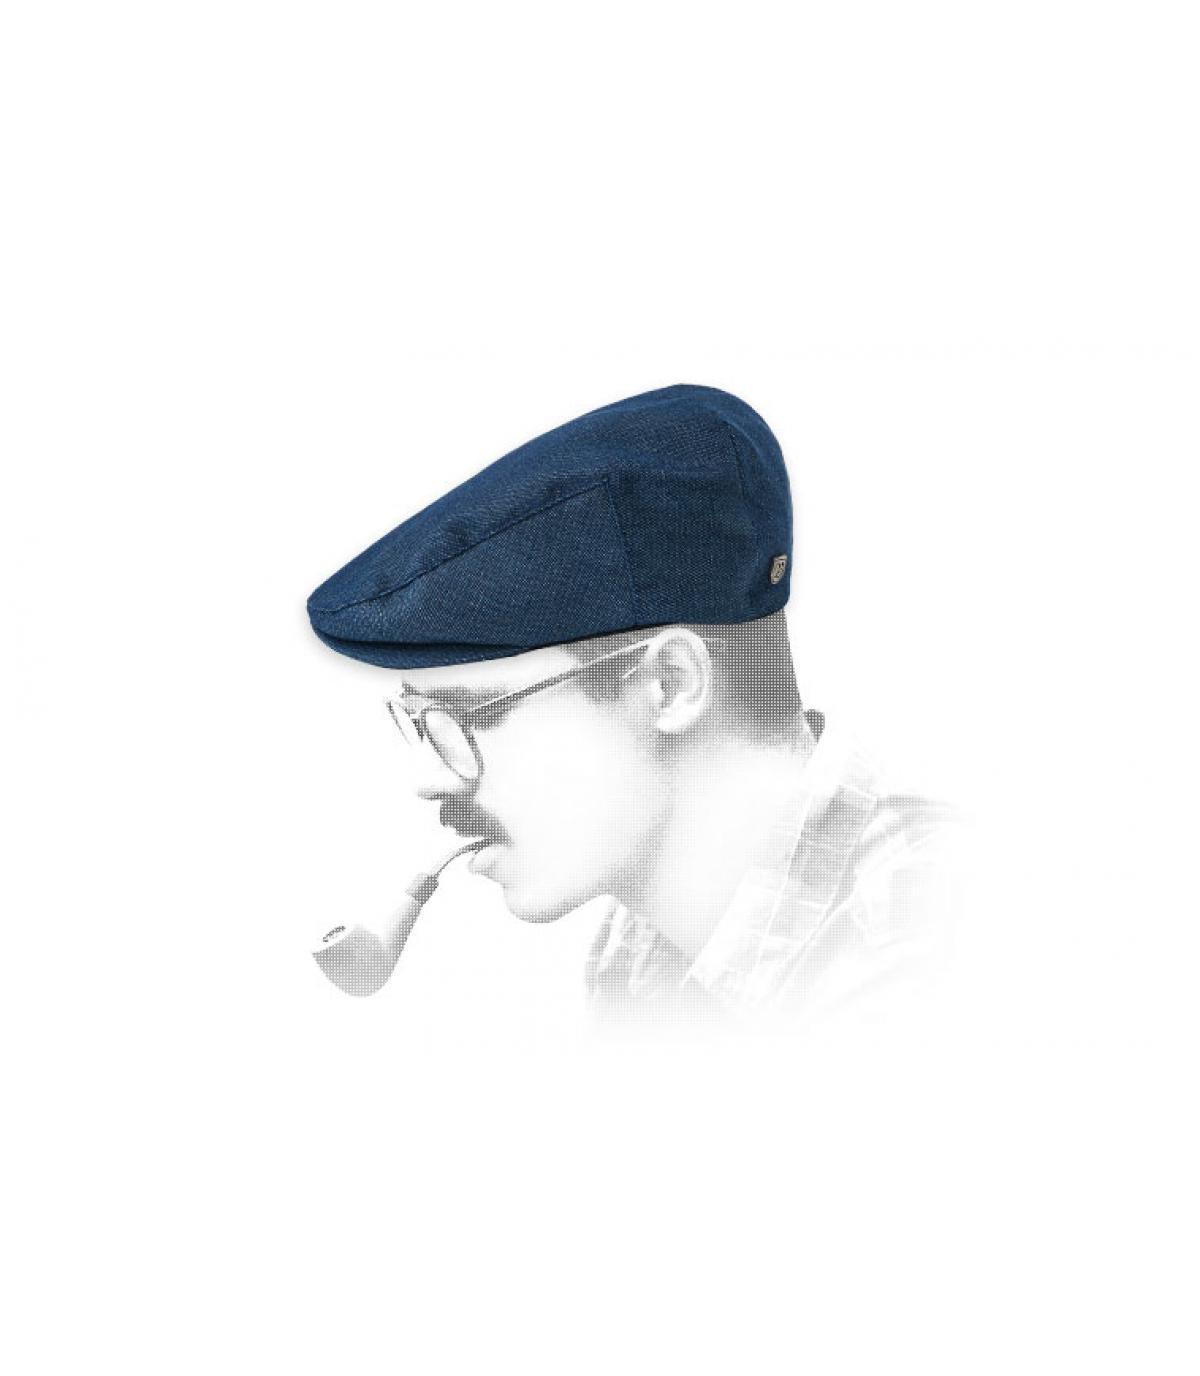 Brixton blue flat cap